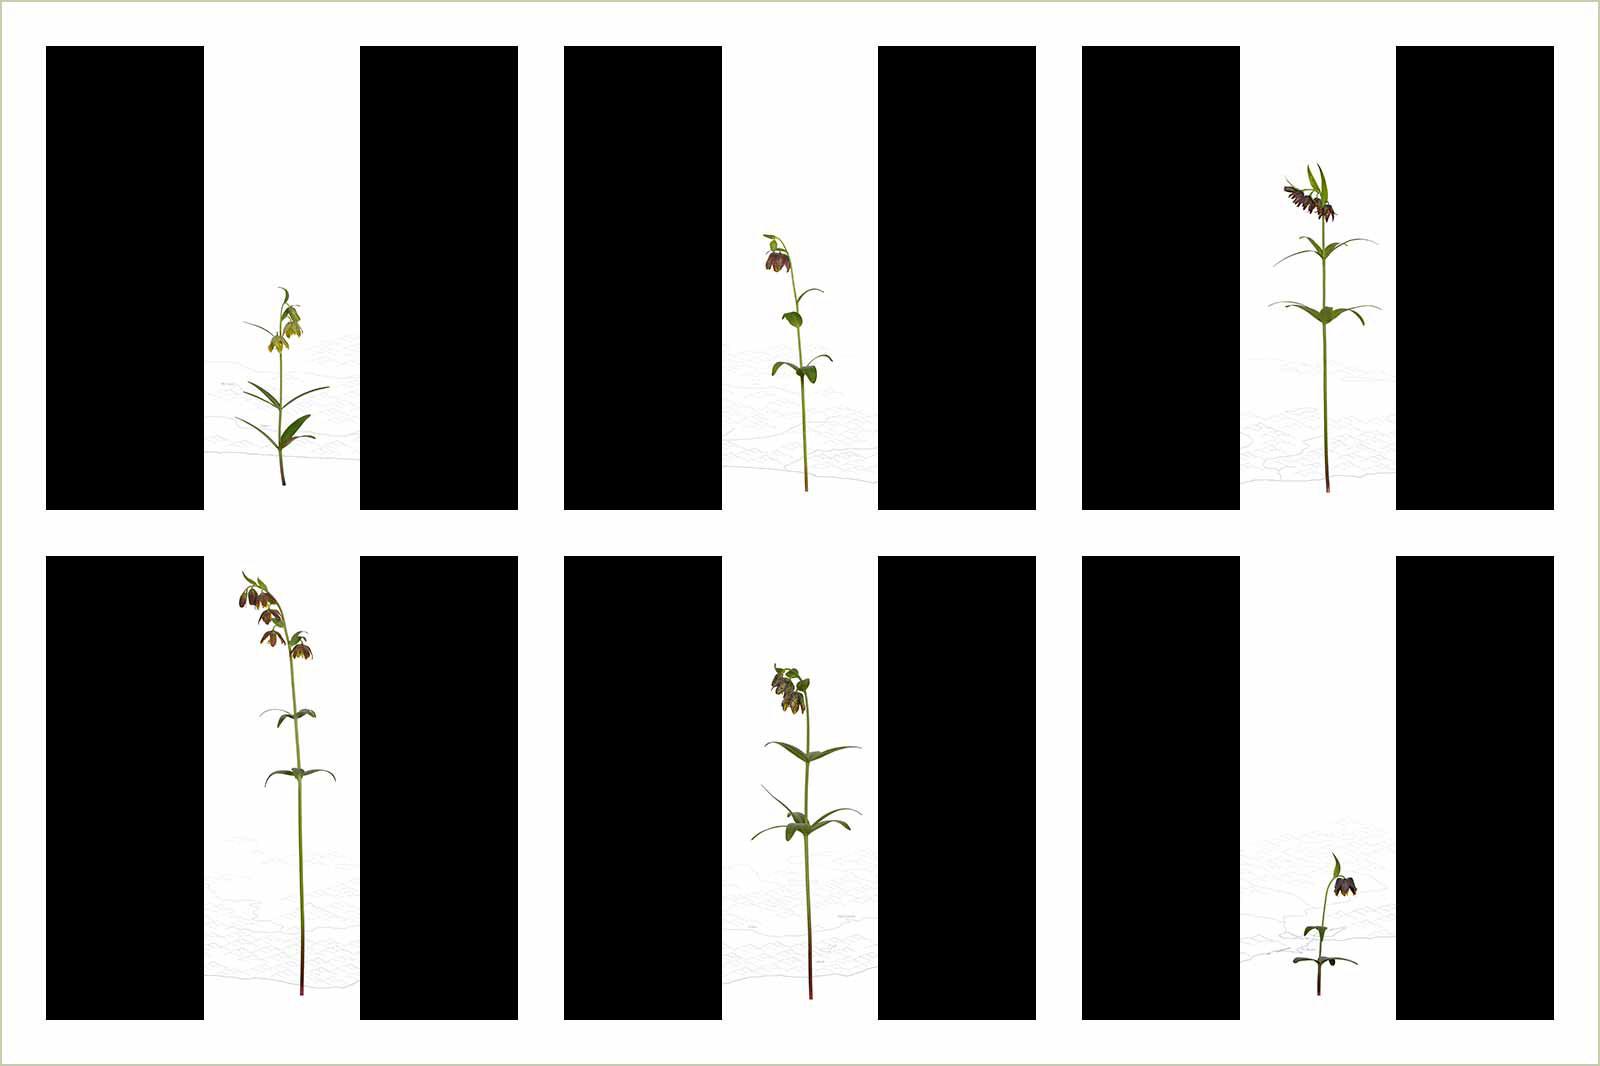 Видовые черты: рябчик родственный, Лоуренс Хилл, Золотая медаль категории «Портфолио», Фотоконкурс RHS Photographic